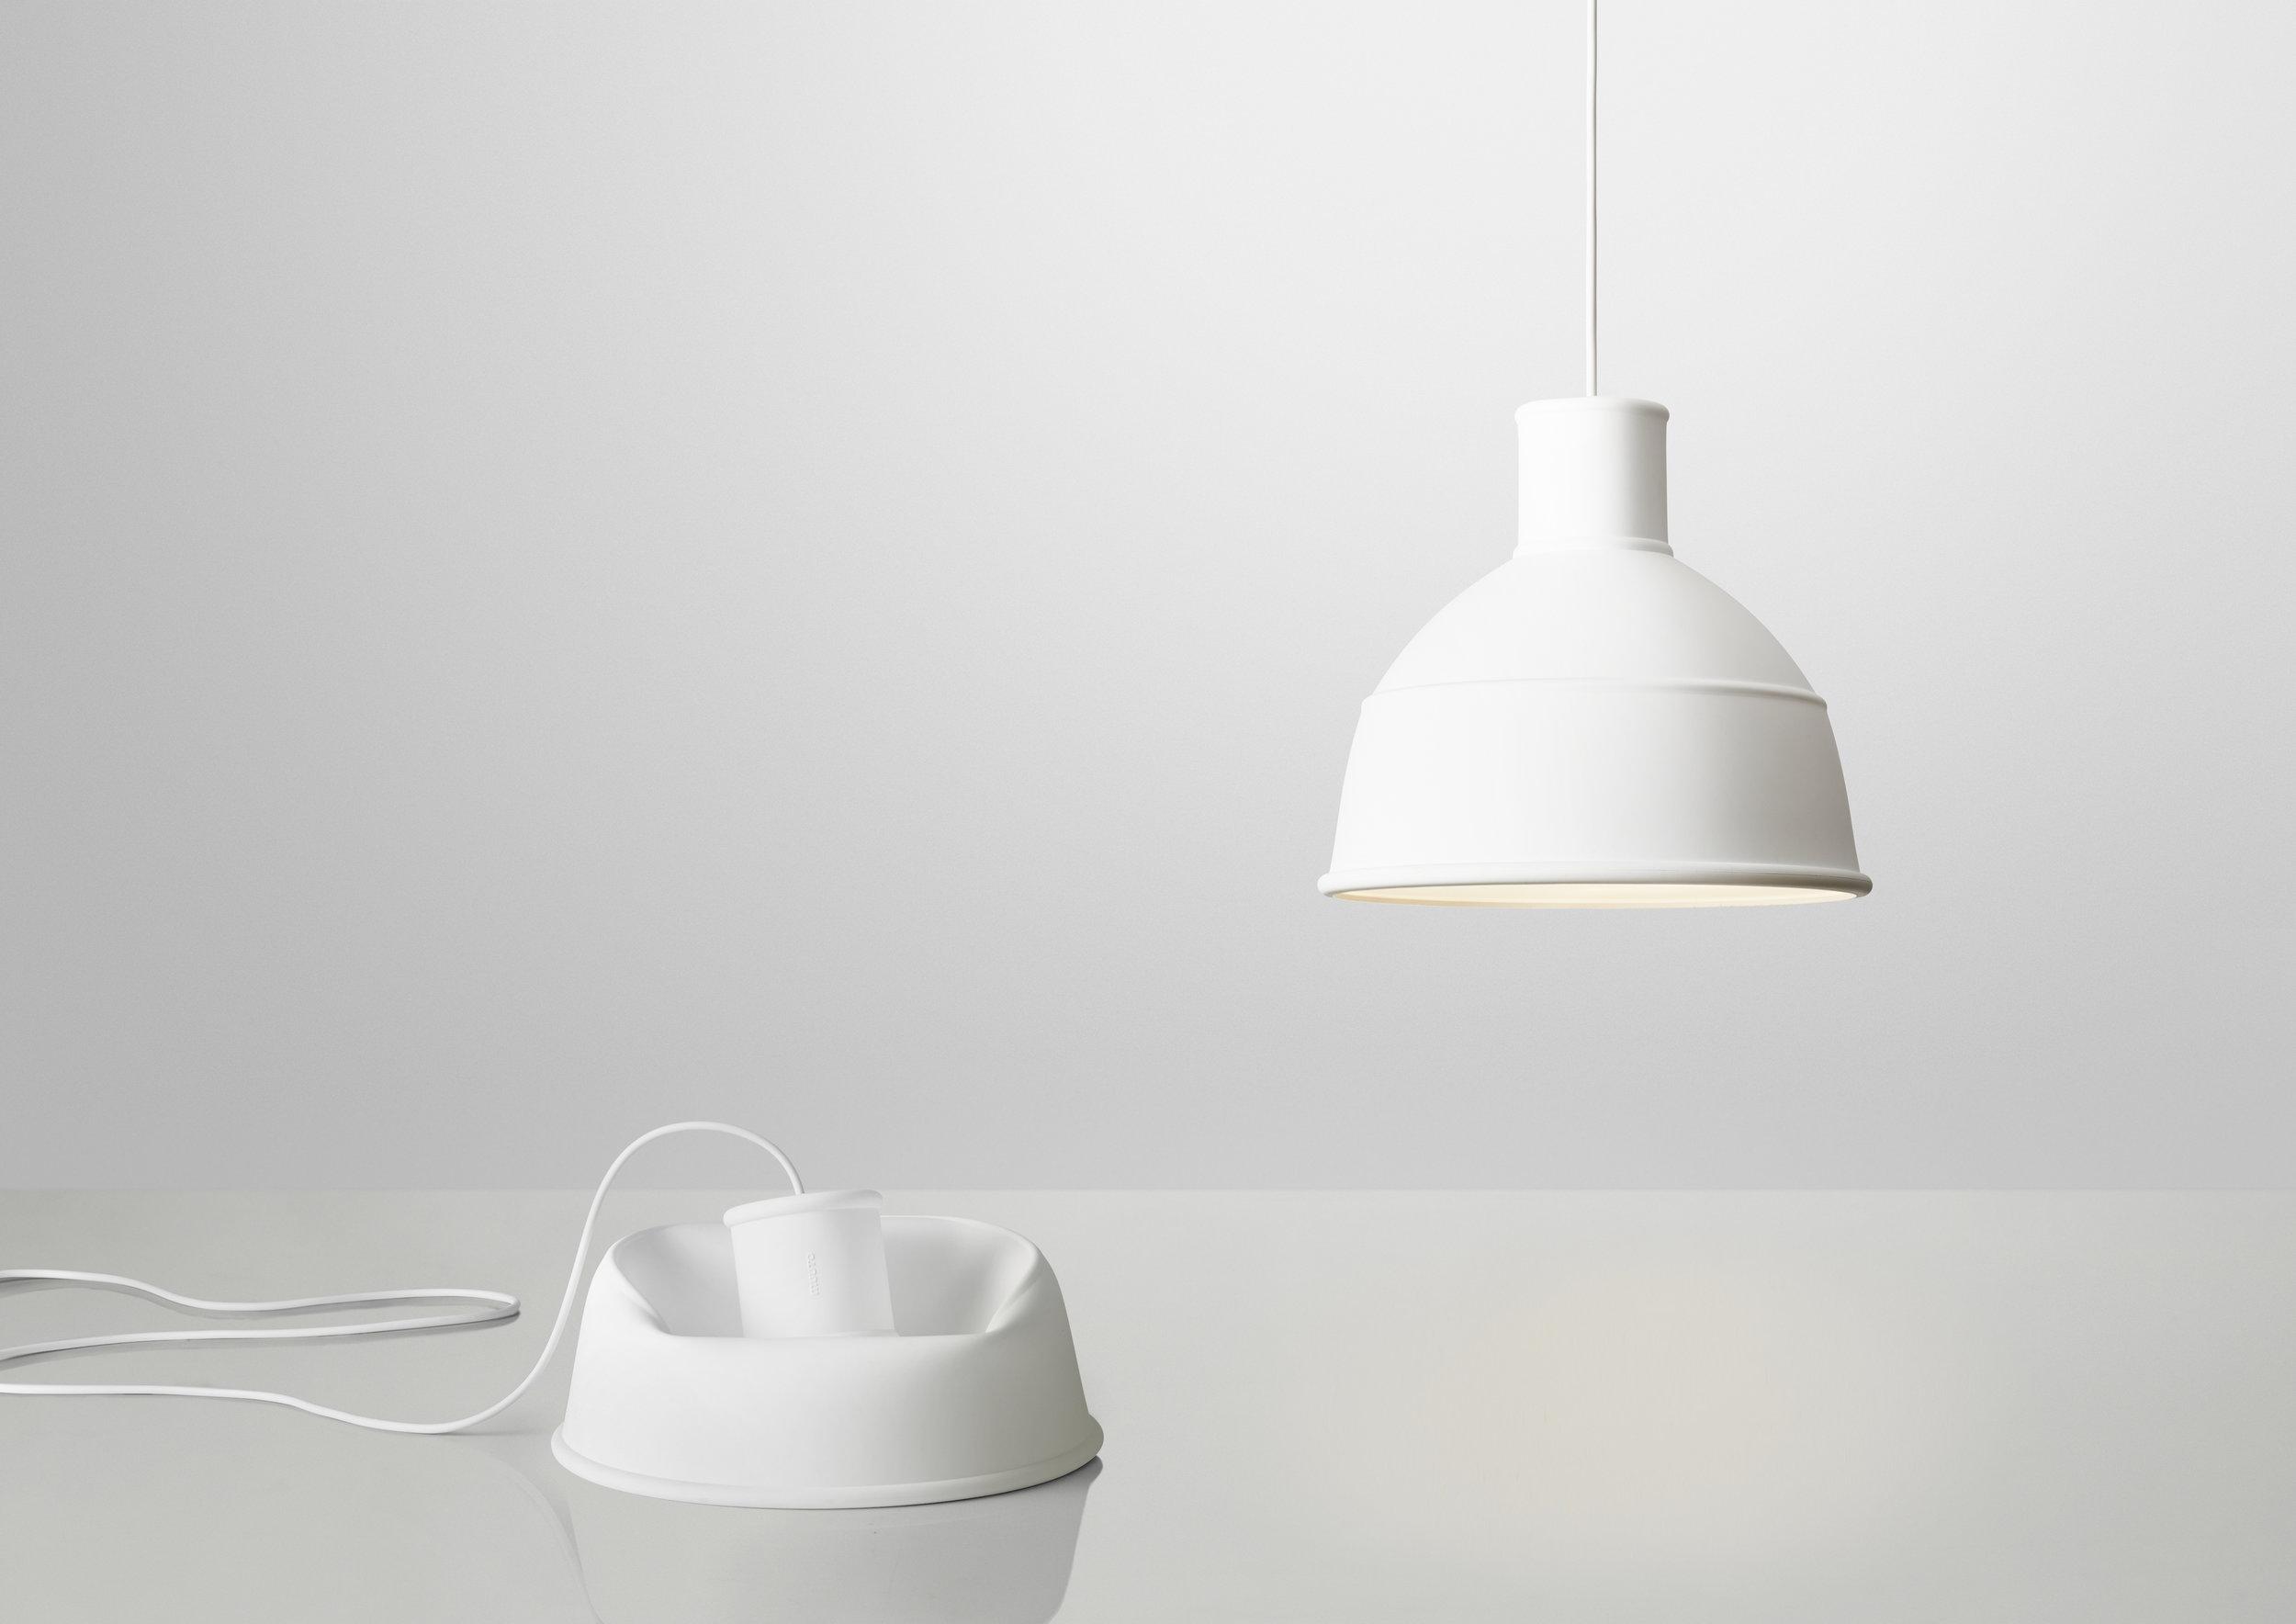 Unfold_white_2lamps.jpg